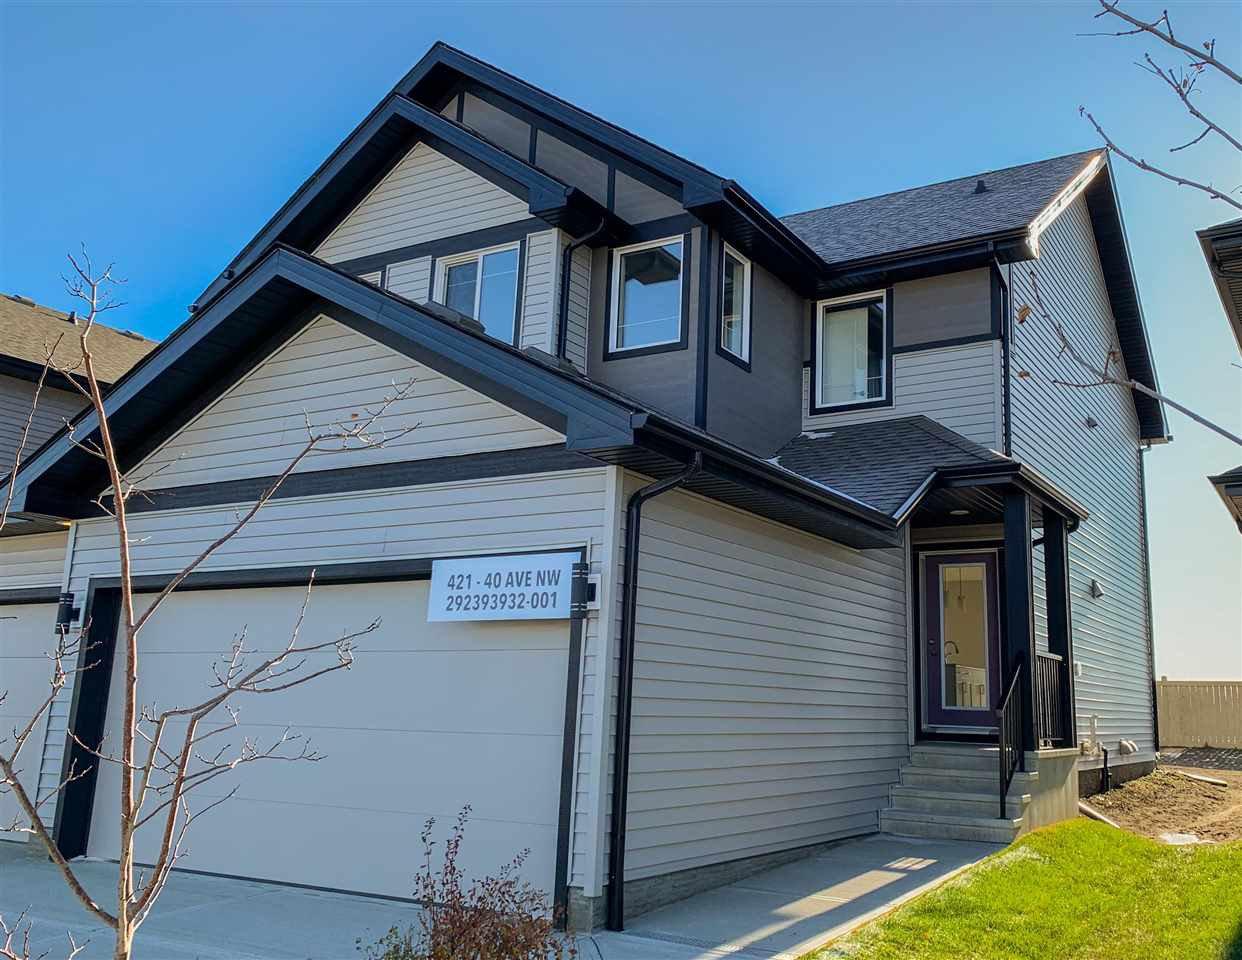 Main Photo: 421 40 Avenue in Edmonton: Zone 30 House Half Duplex for sale : MLS®# E4178568